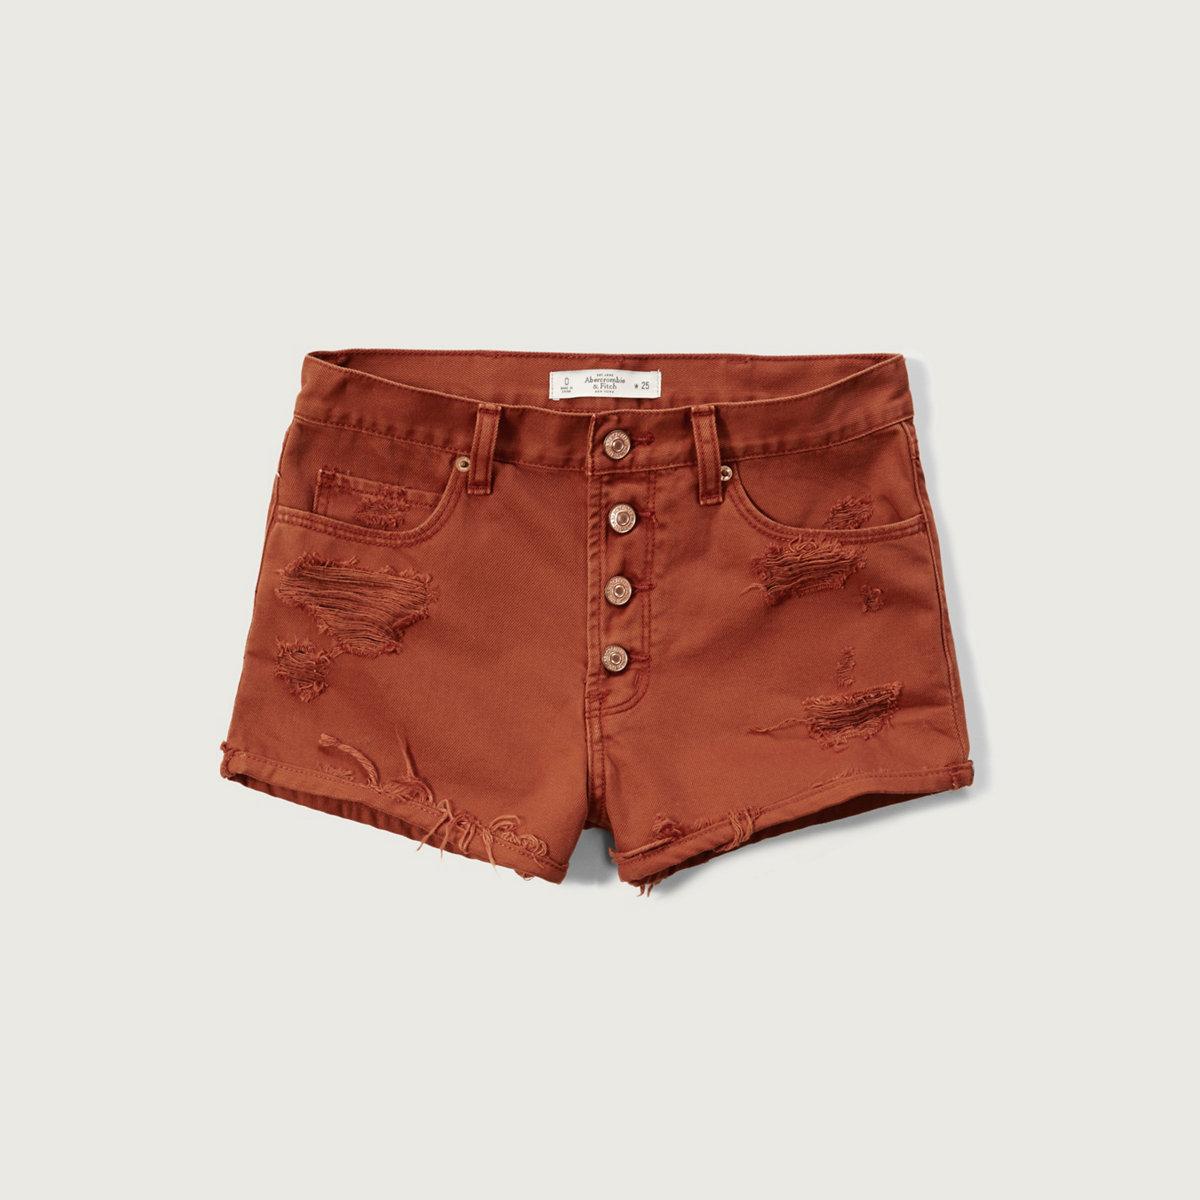 High Rise 2 Inch Rigid Denim Shorts